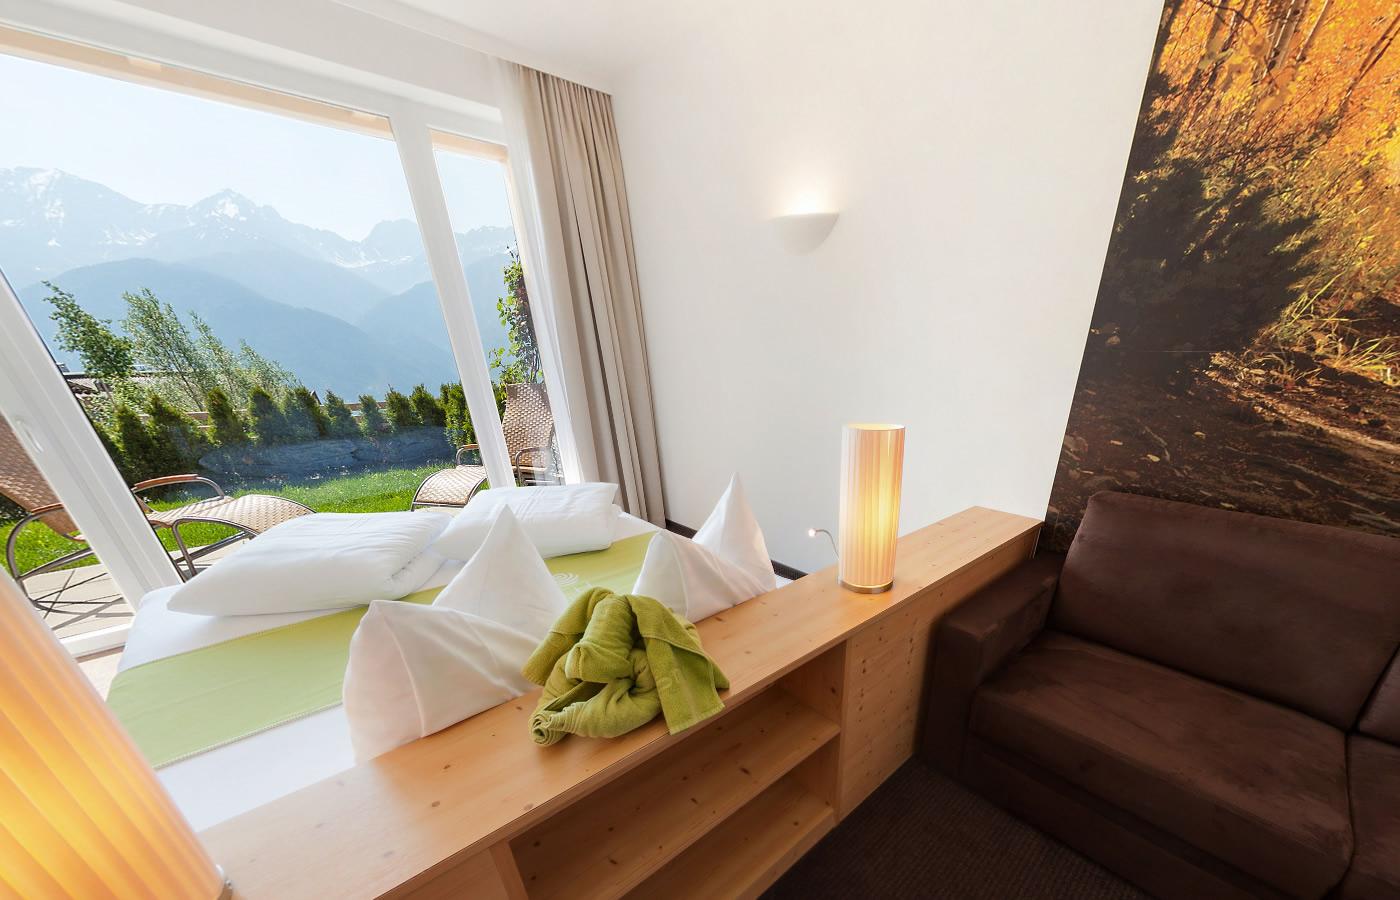 Komfortzimmer II im Natürlich. Hotel in Serfaus-Fiss-Ladis, Österreich.